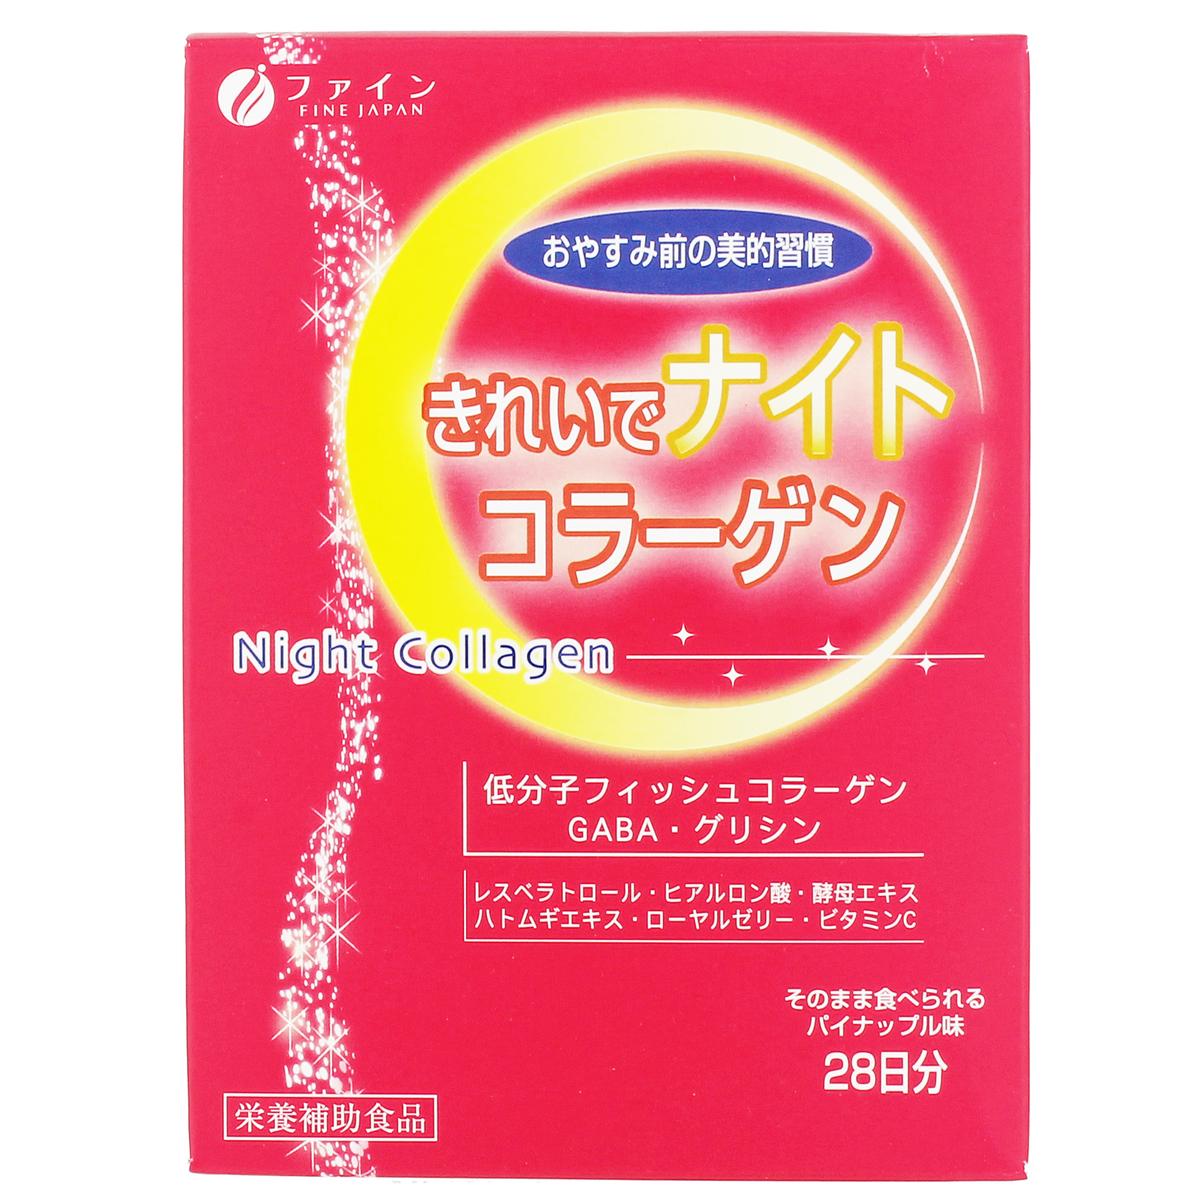 優之源®夜間甜睡膠原精華 75.6克(2.7克 X 28包) (005723)